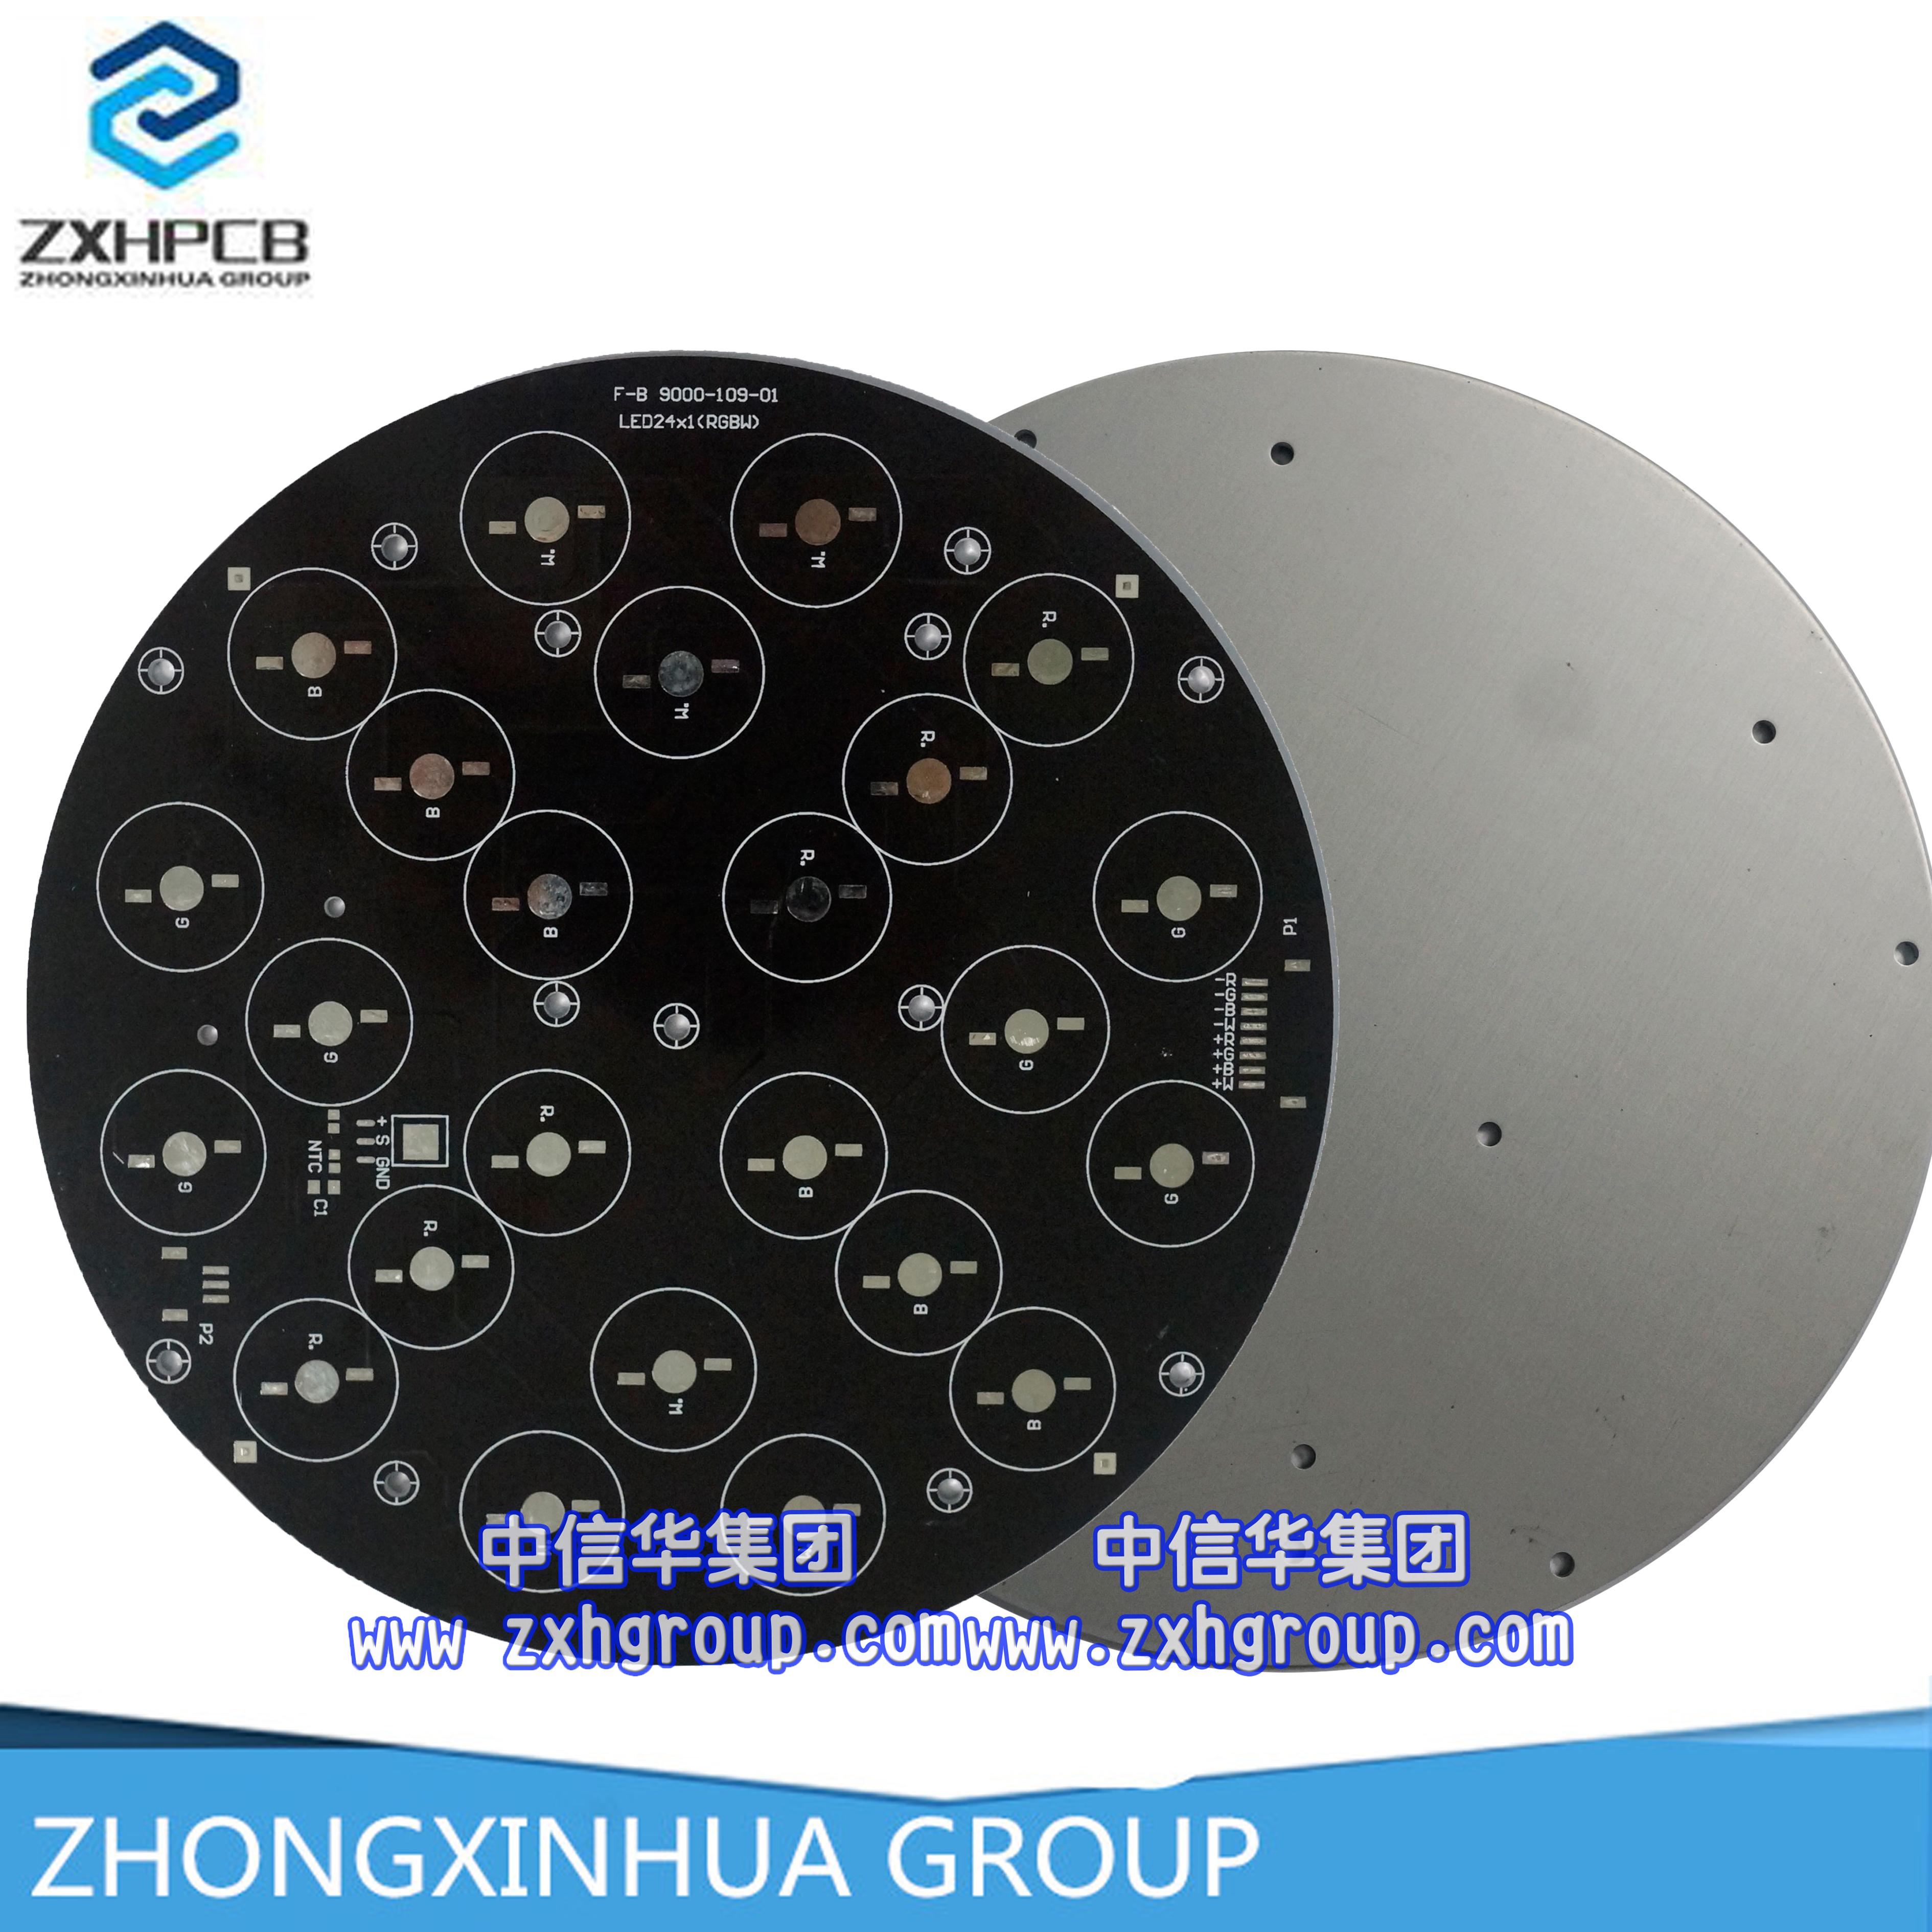 PCB工业园 铝基板定制生产 线路板生产加工